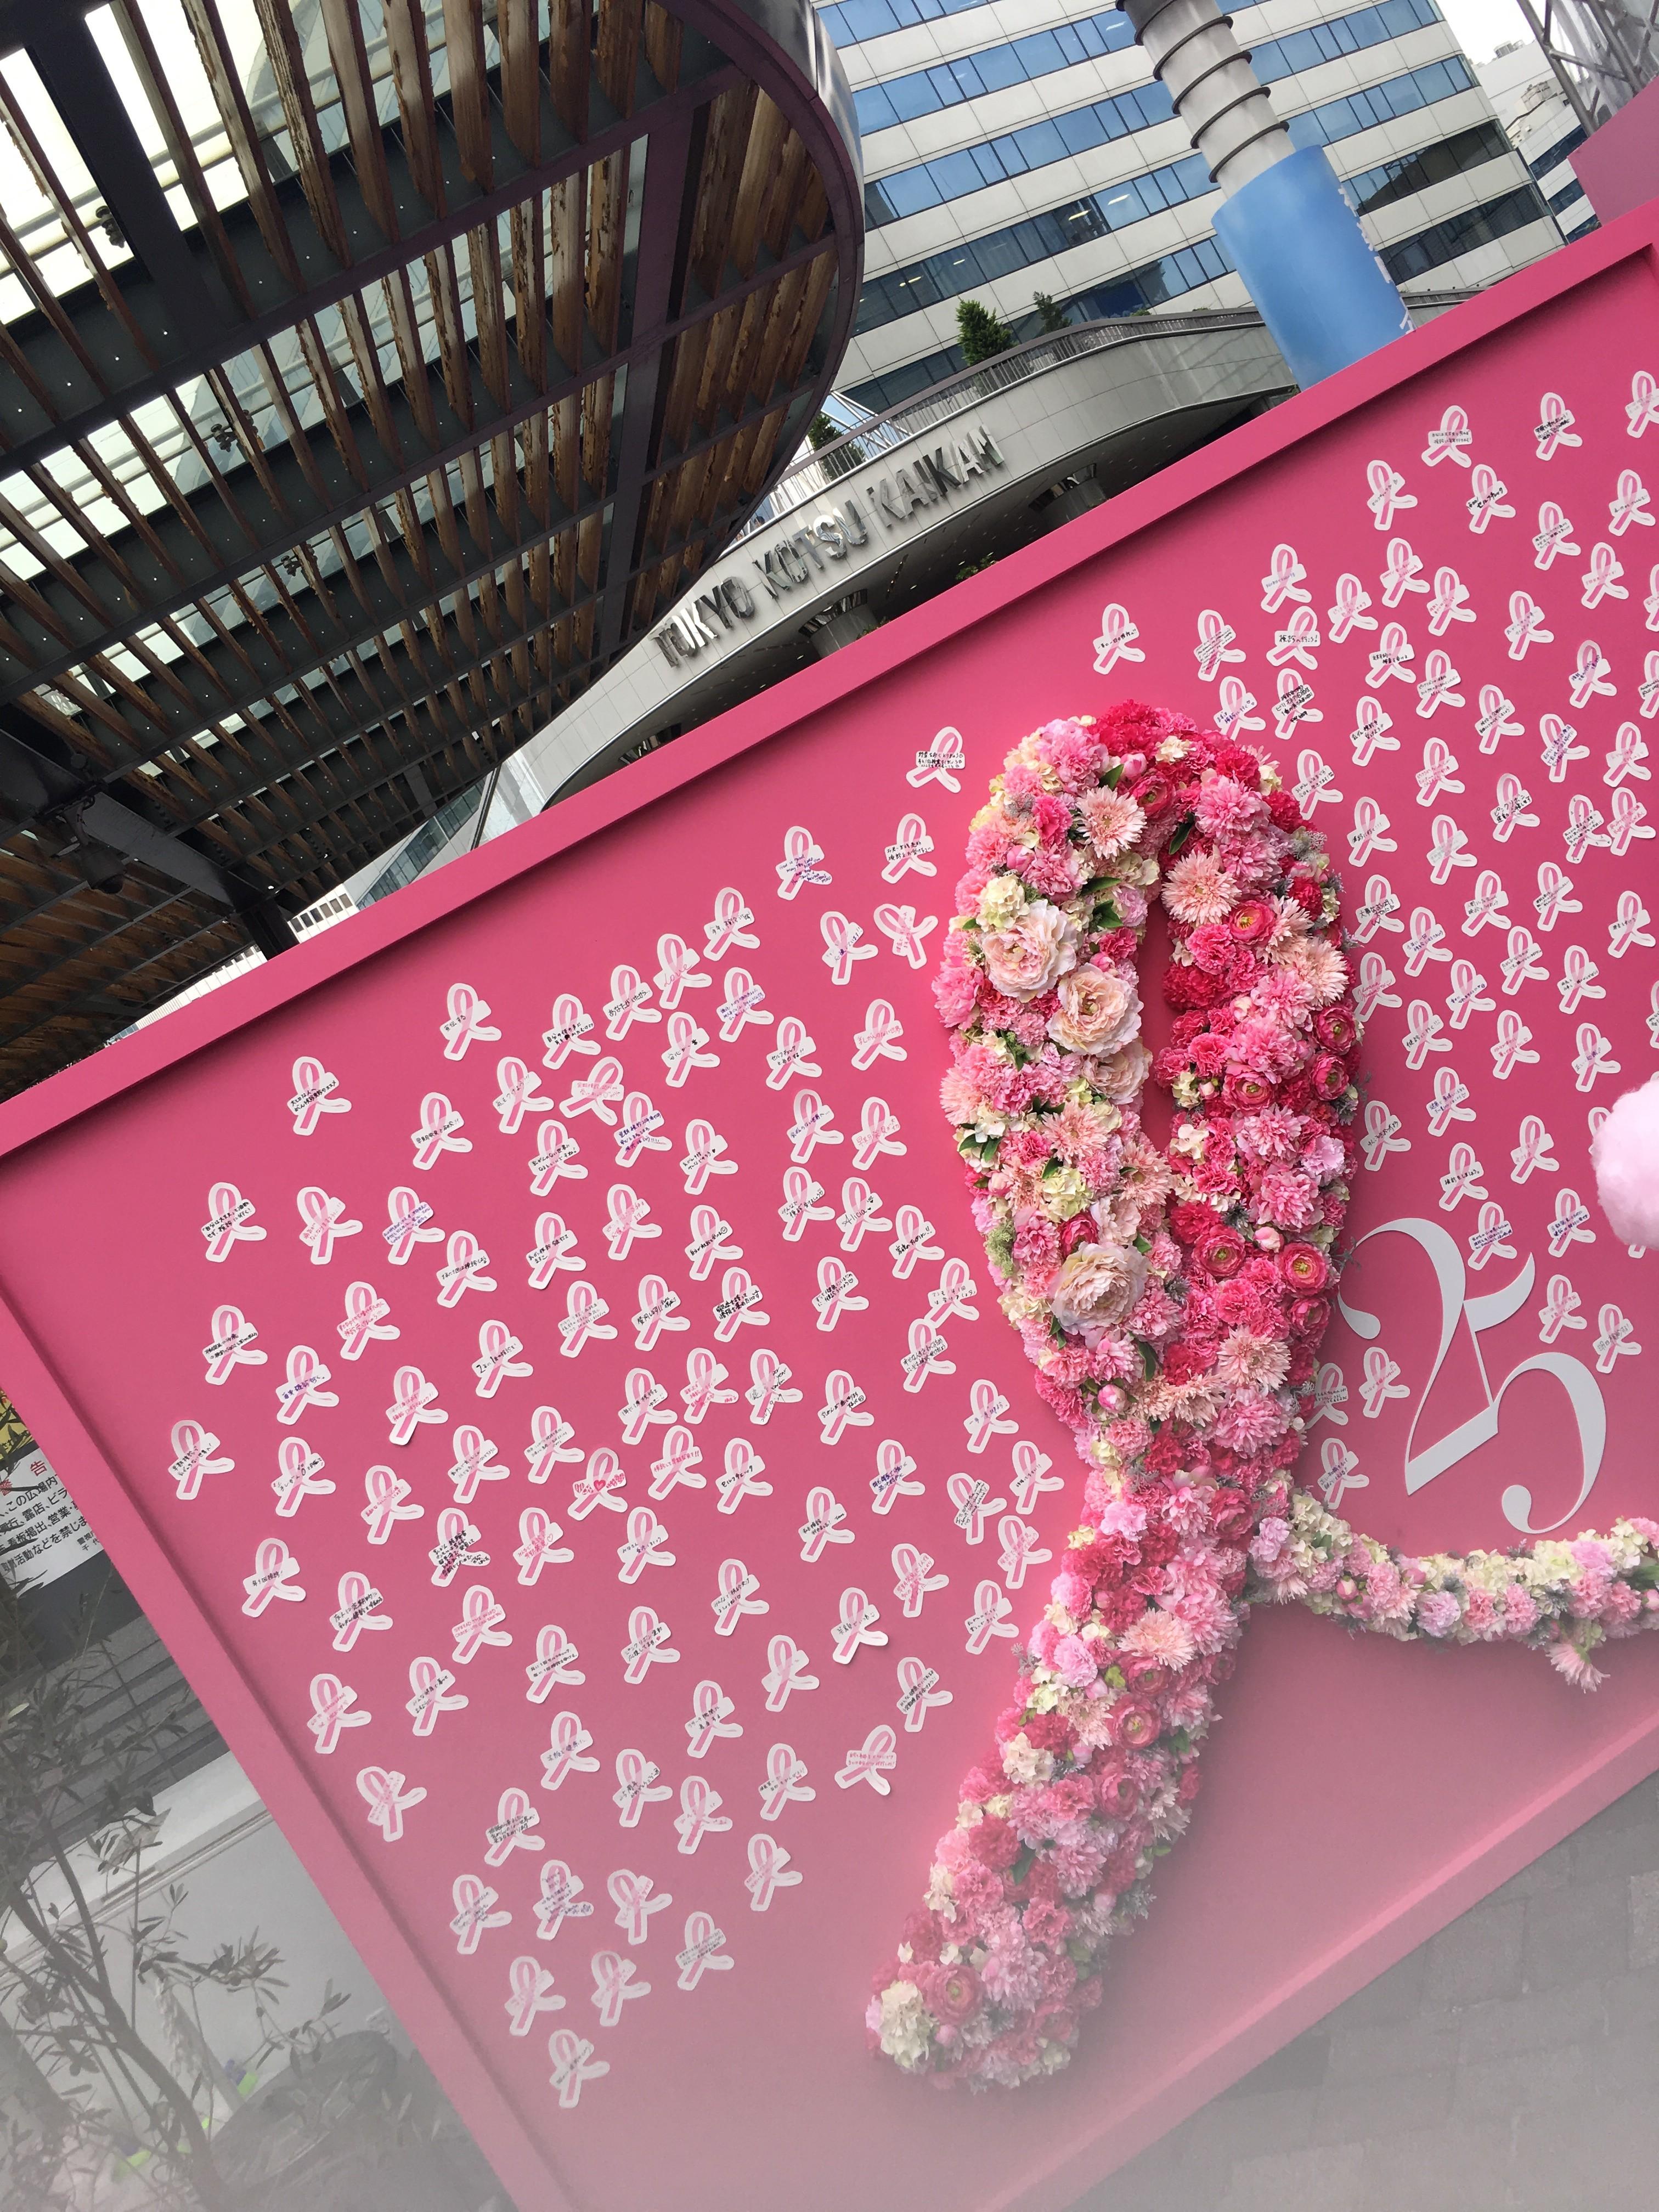 ピンクリボン〜有楽町駅前で乳がんについて学ぼう!〜